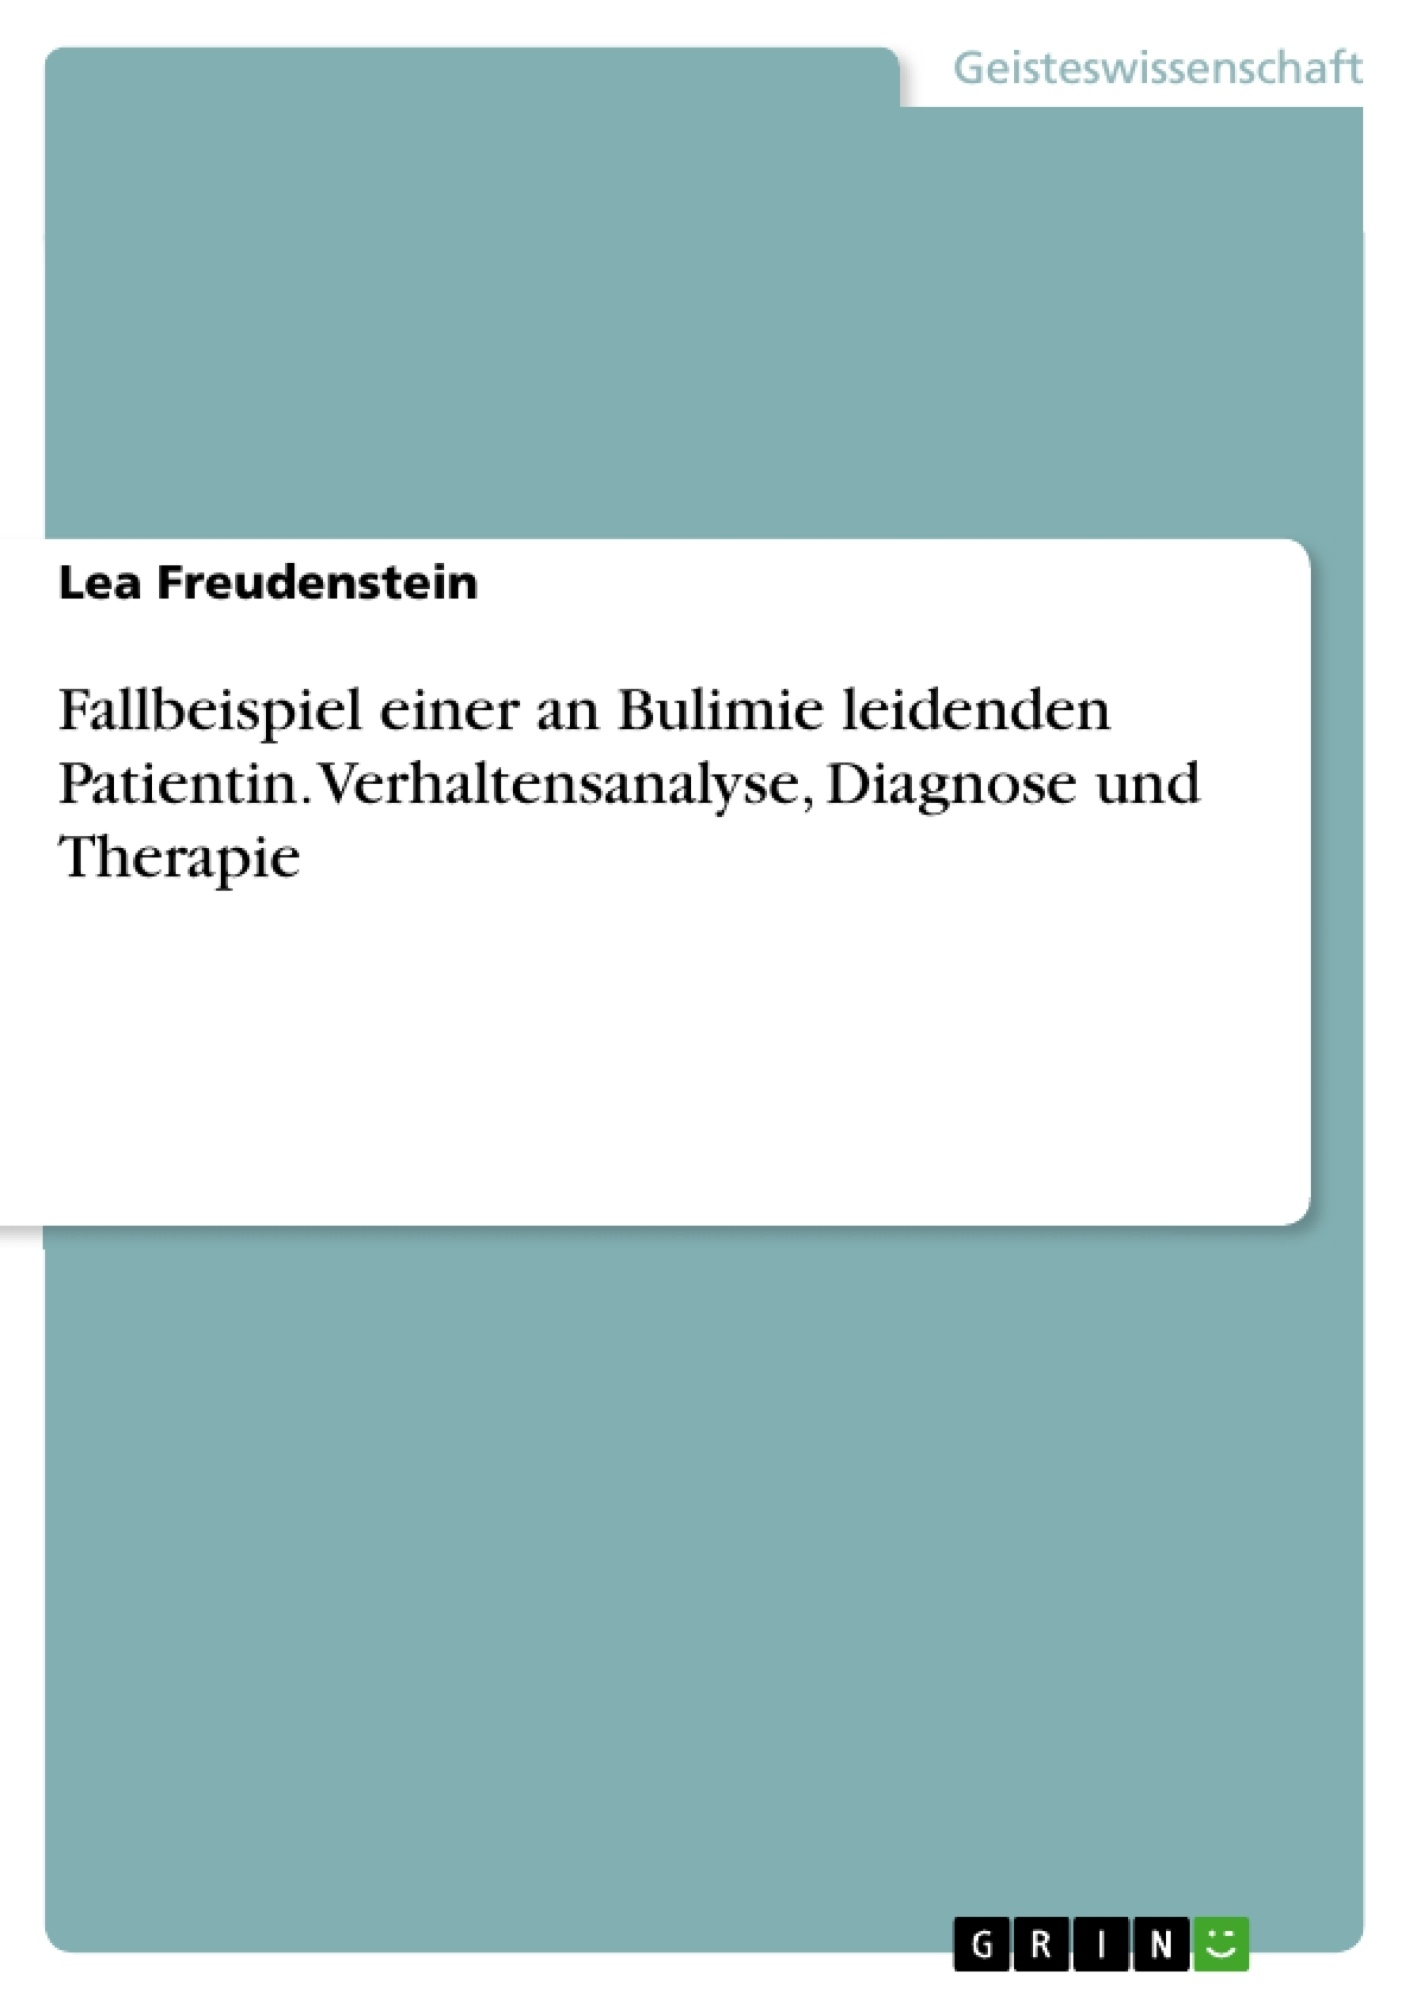 Titel: Fallbeispiel einer an Bulimie leidenden Patientin. Verhaltensanalyse, Diagnose und Therapie